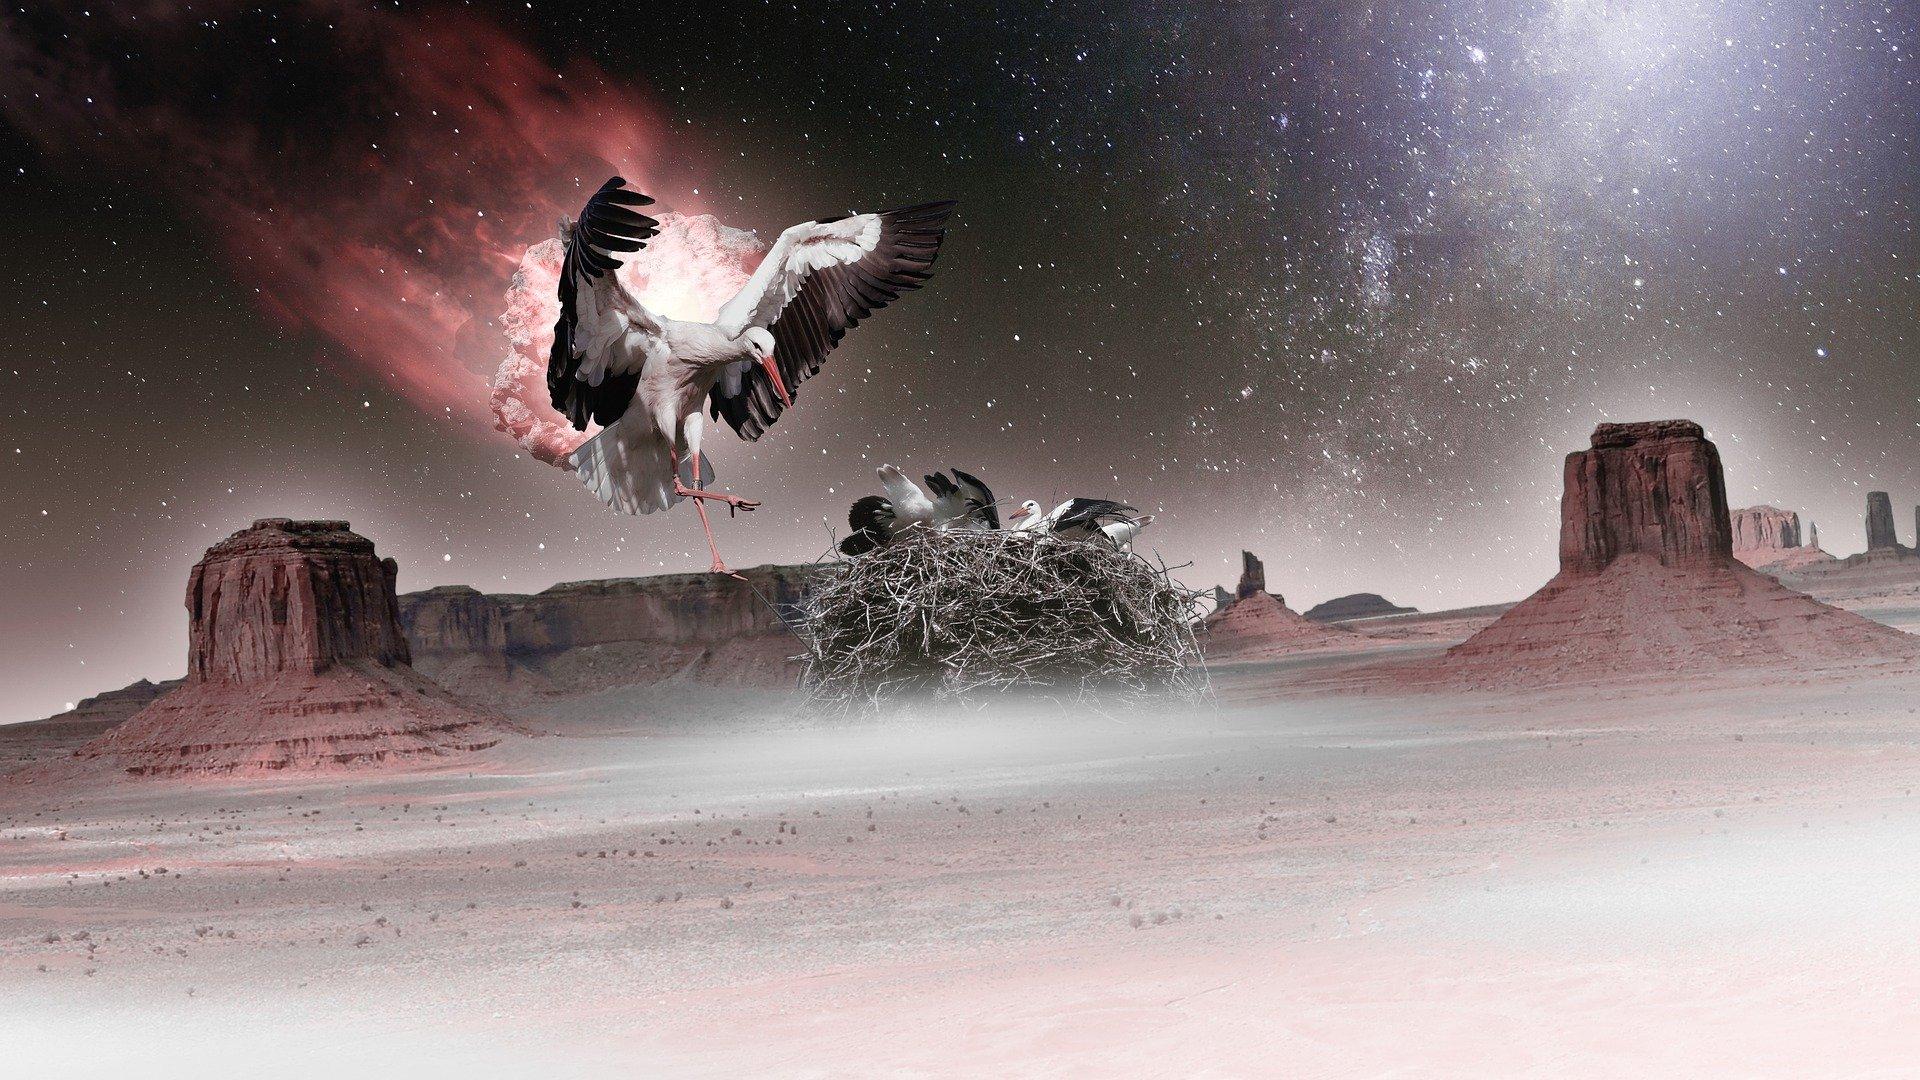 paesaggio desertico, un'aquila vola verso il suo nido dove ci sono i suoi piccoli per proteggerli da una palla infuocata che arriva dal cielo